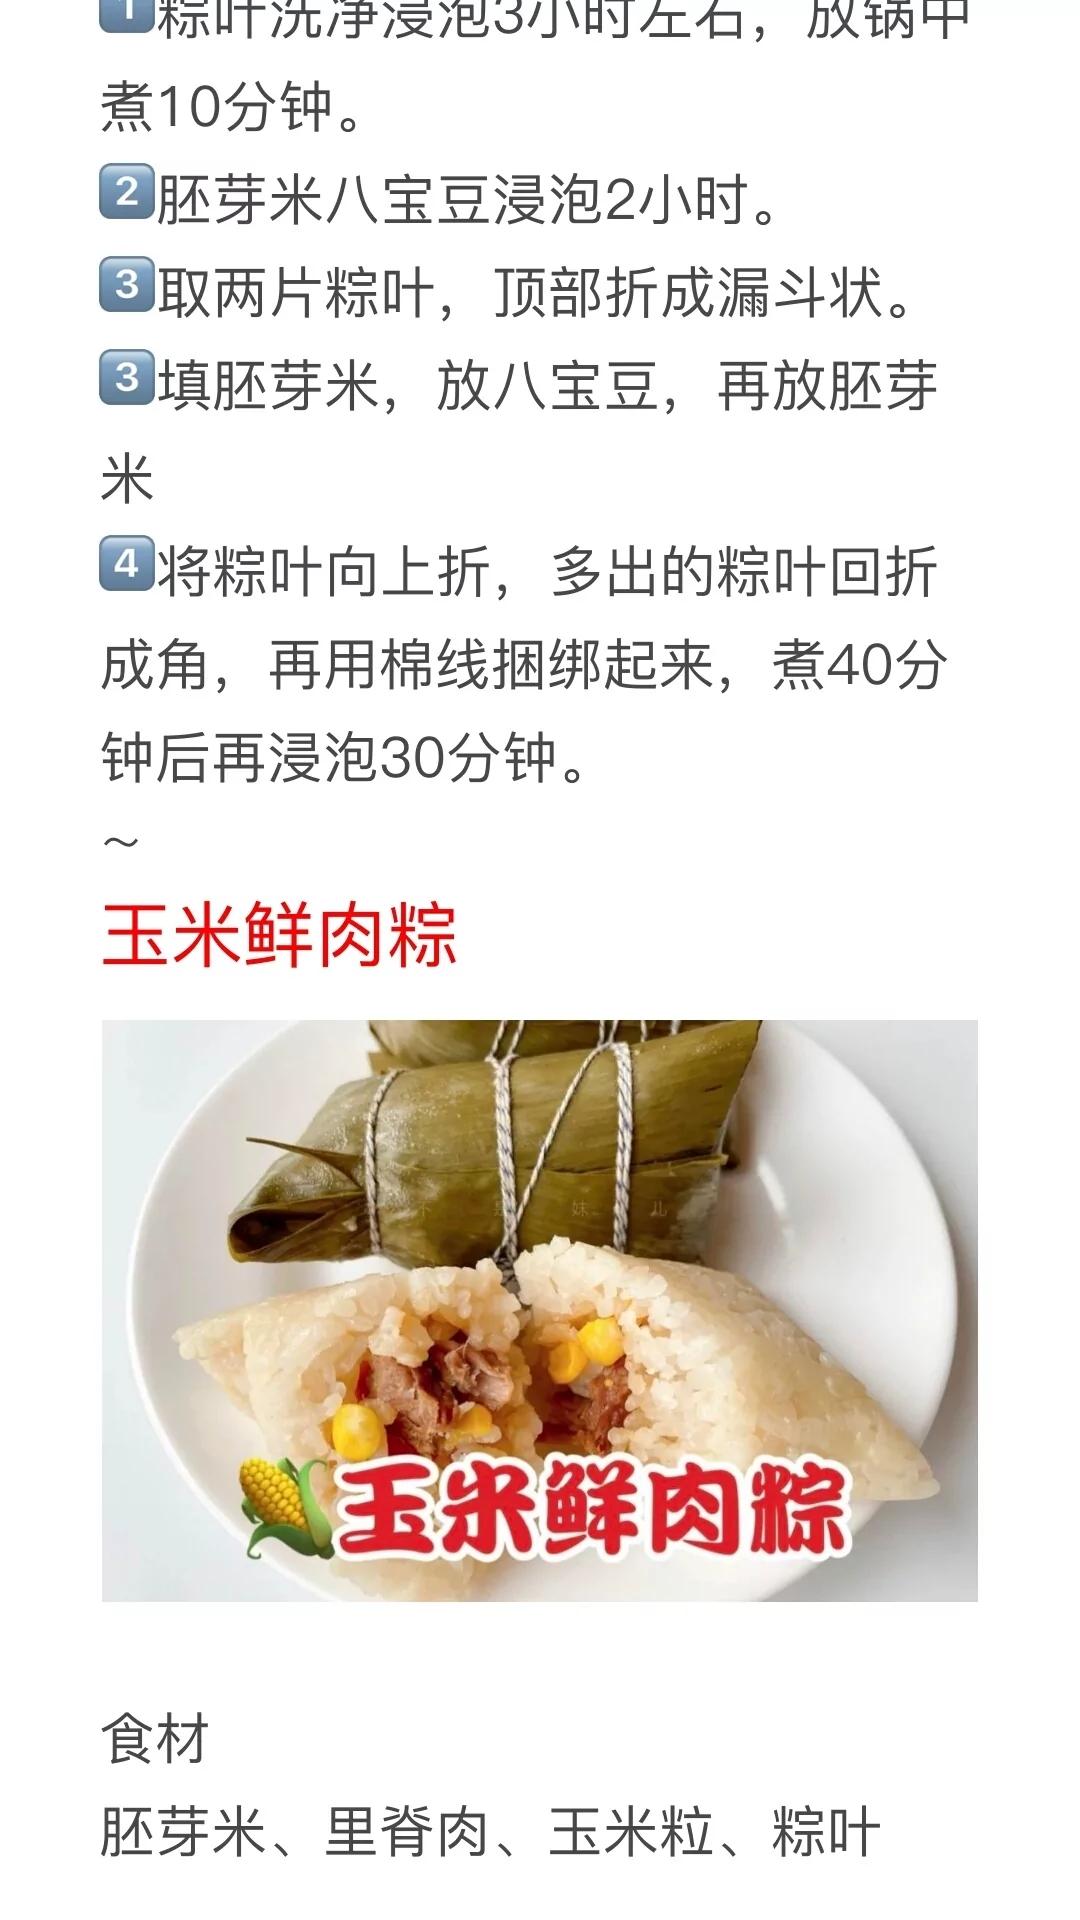 16种粽子的做法及配料!粽子馅配方种类大全,粽子制作方法教程 美食做法 第5张